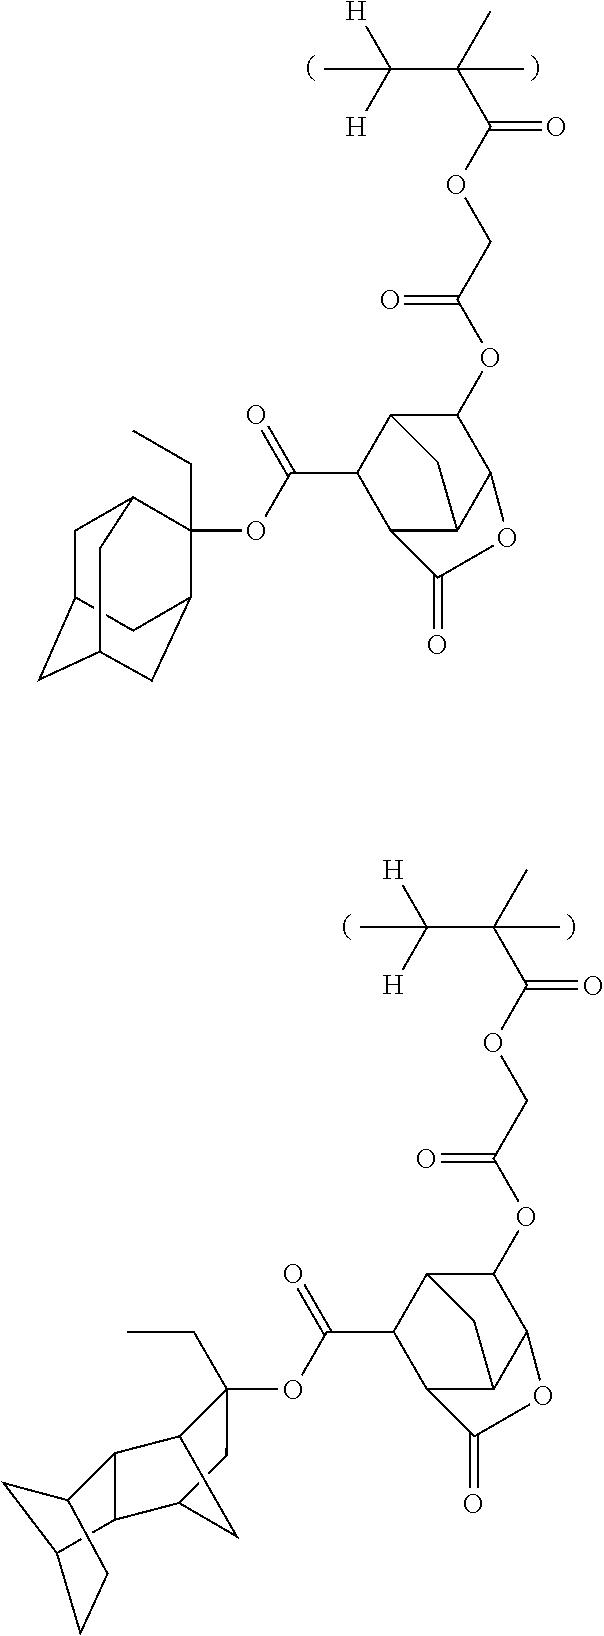 Figure US08900793-20141202-C00066